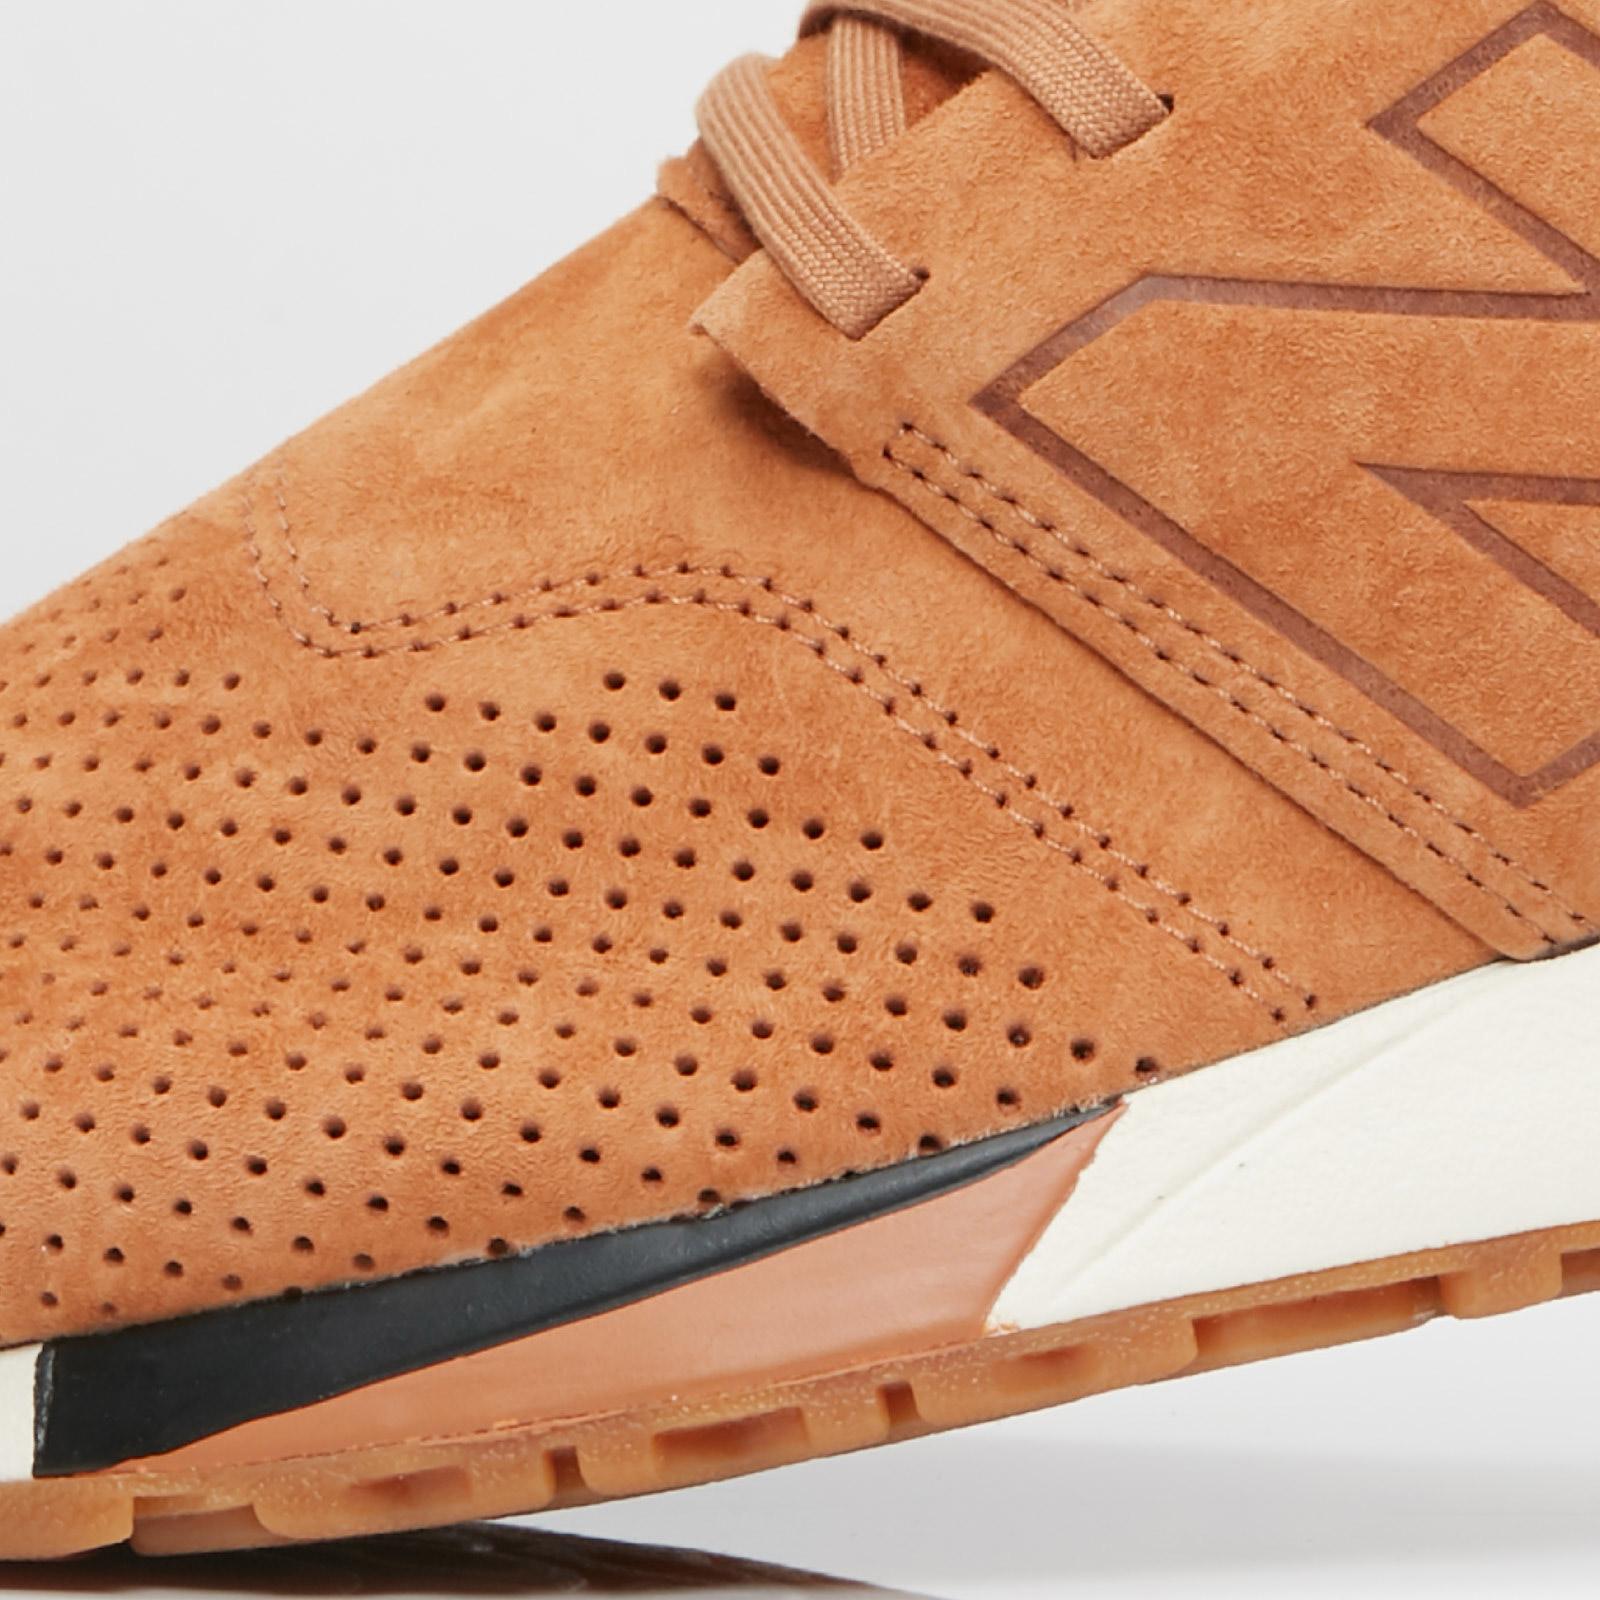 New Balance MRL247 - Mrl247wt - SNS | sneakers & streetwear online ...